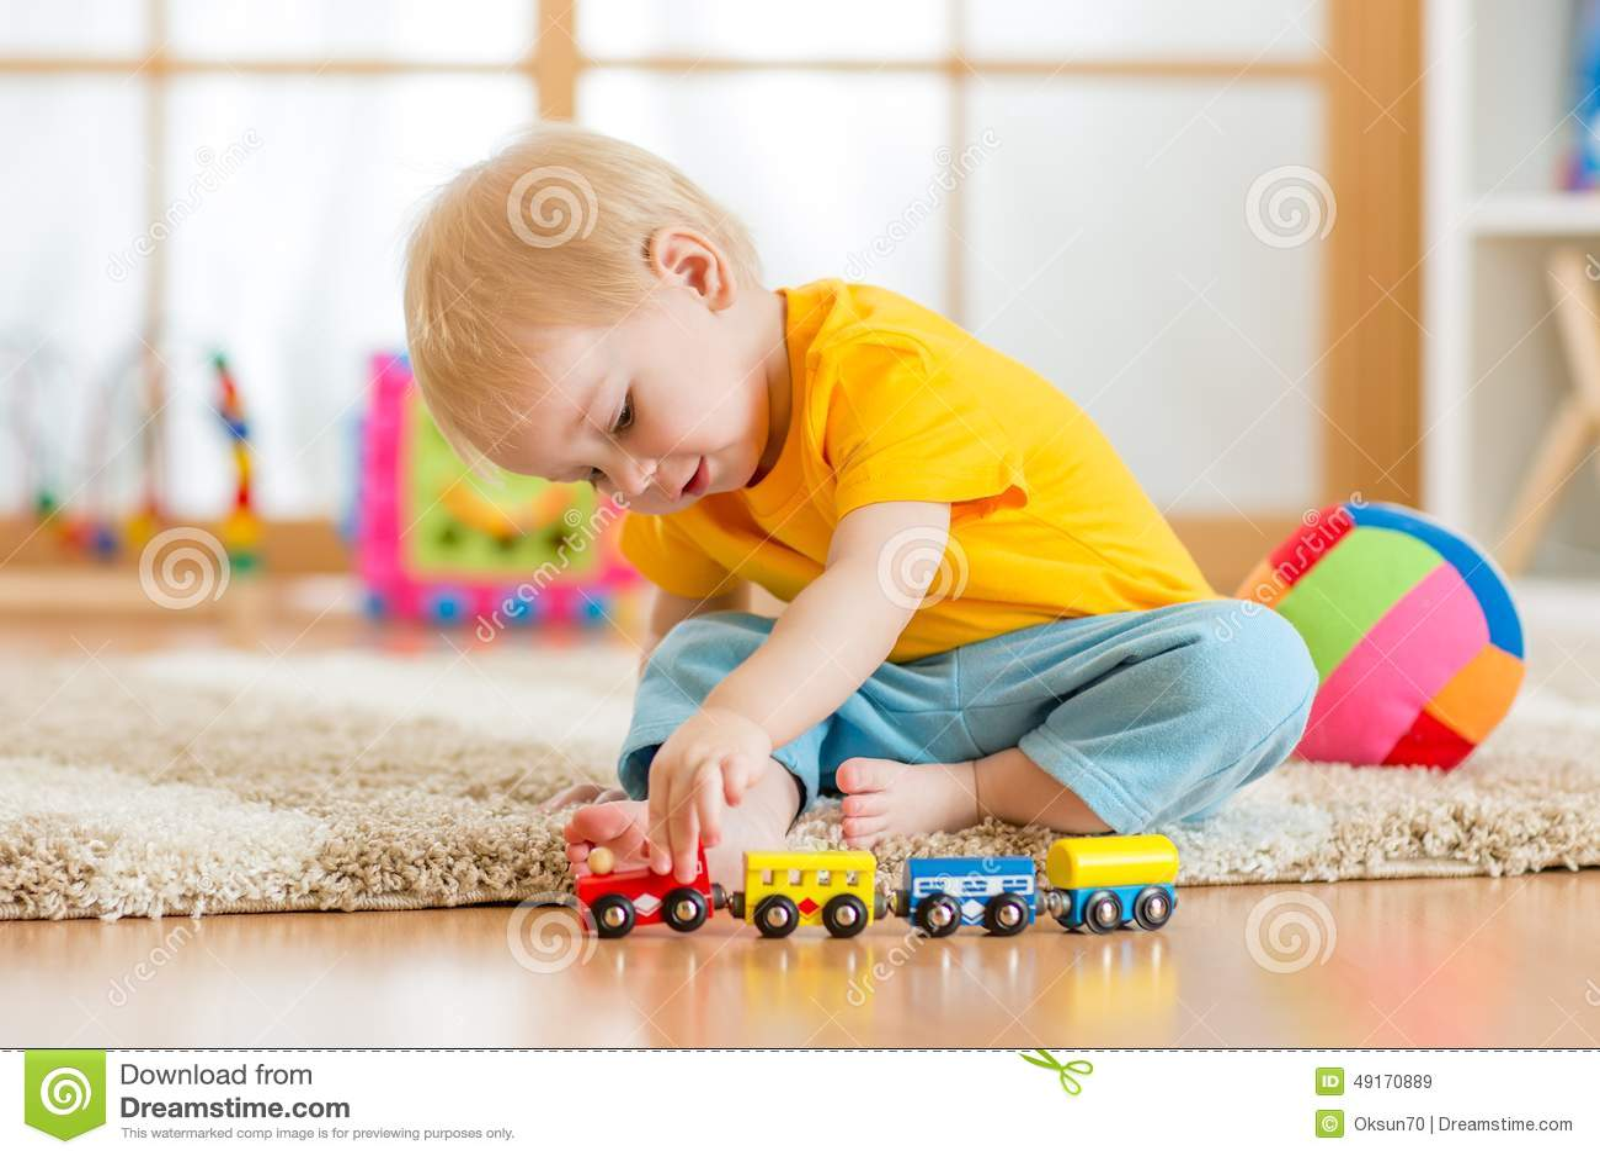 edfa95514abd Παιχνίδι αγοριών παιδιών με τα παιχνίδια εσωτερικά Στοκ Εικόνα ...